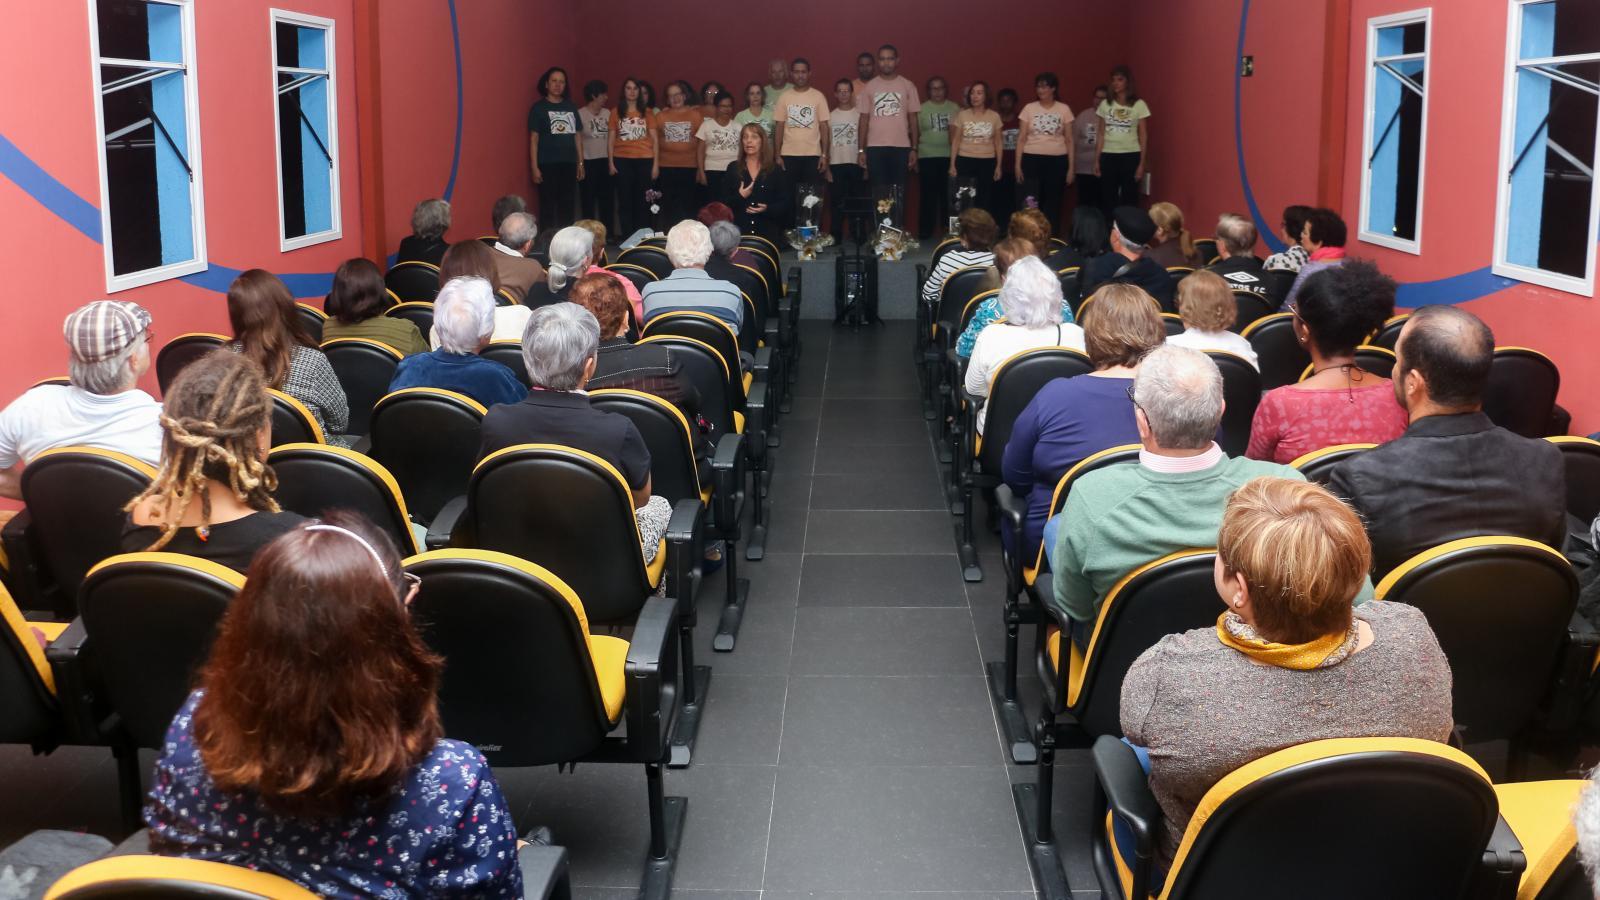 Grupo Vozes canta na abertura do Fórum Social da Baixada Santista, dia 17